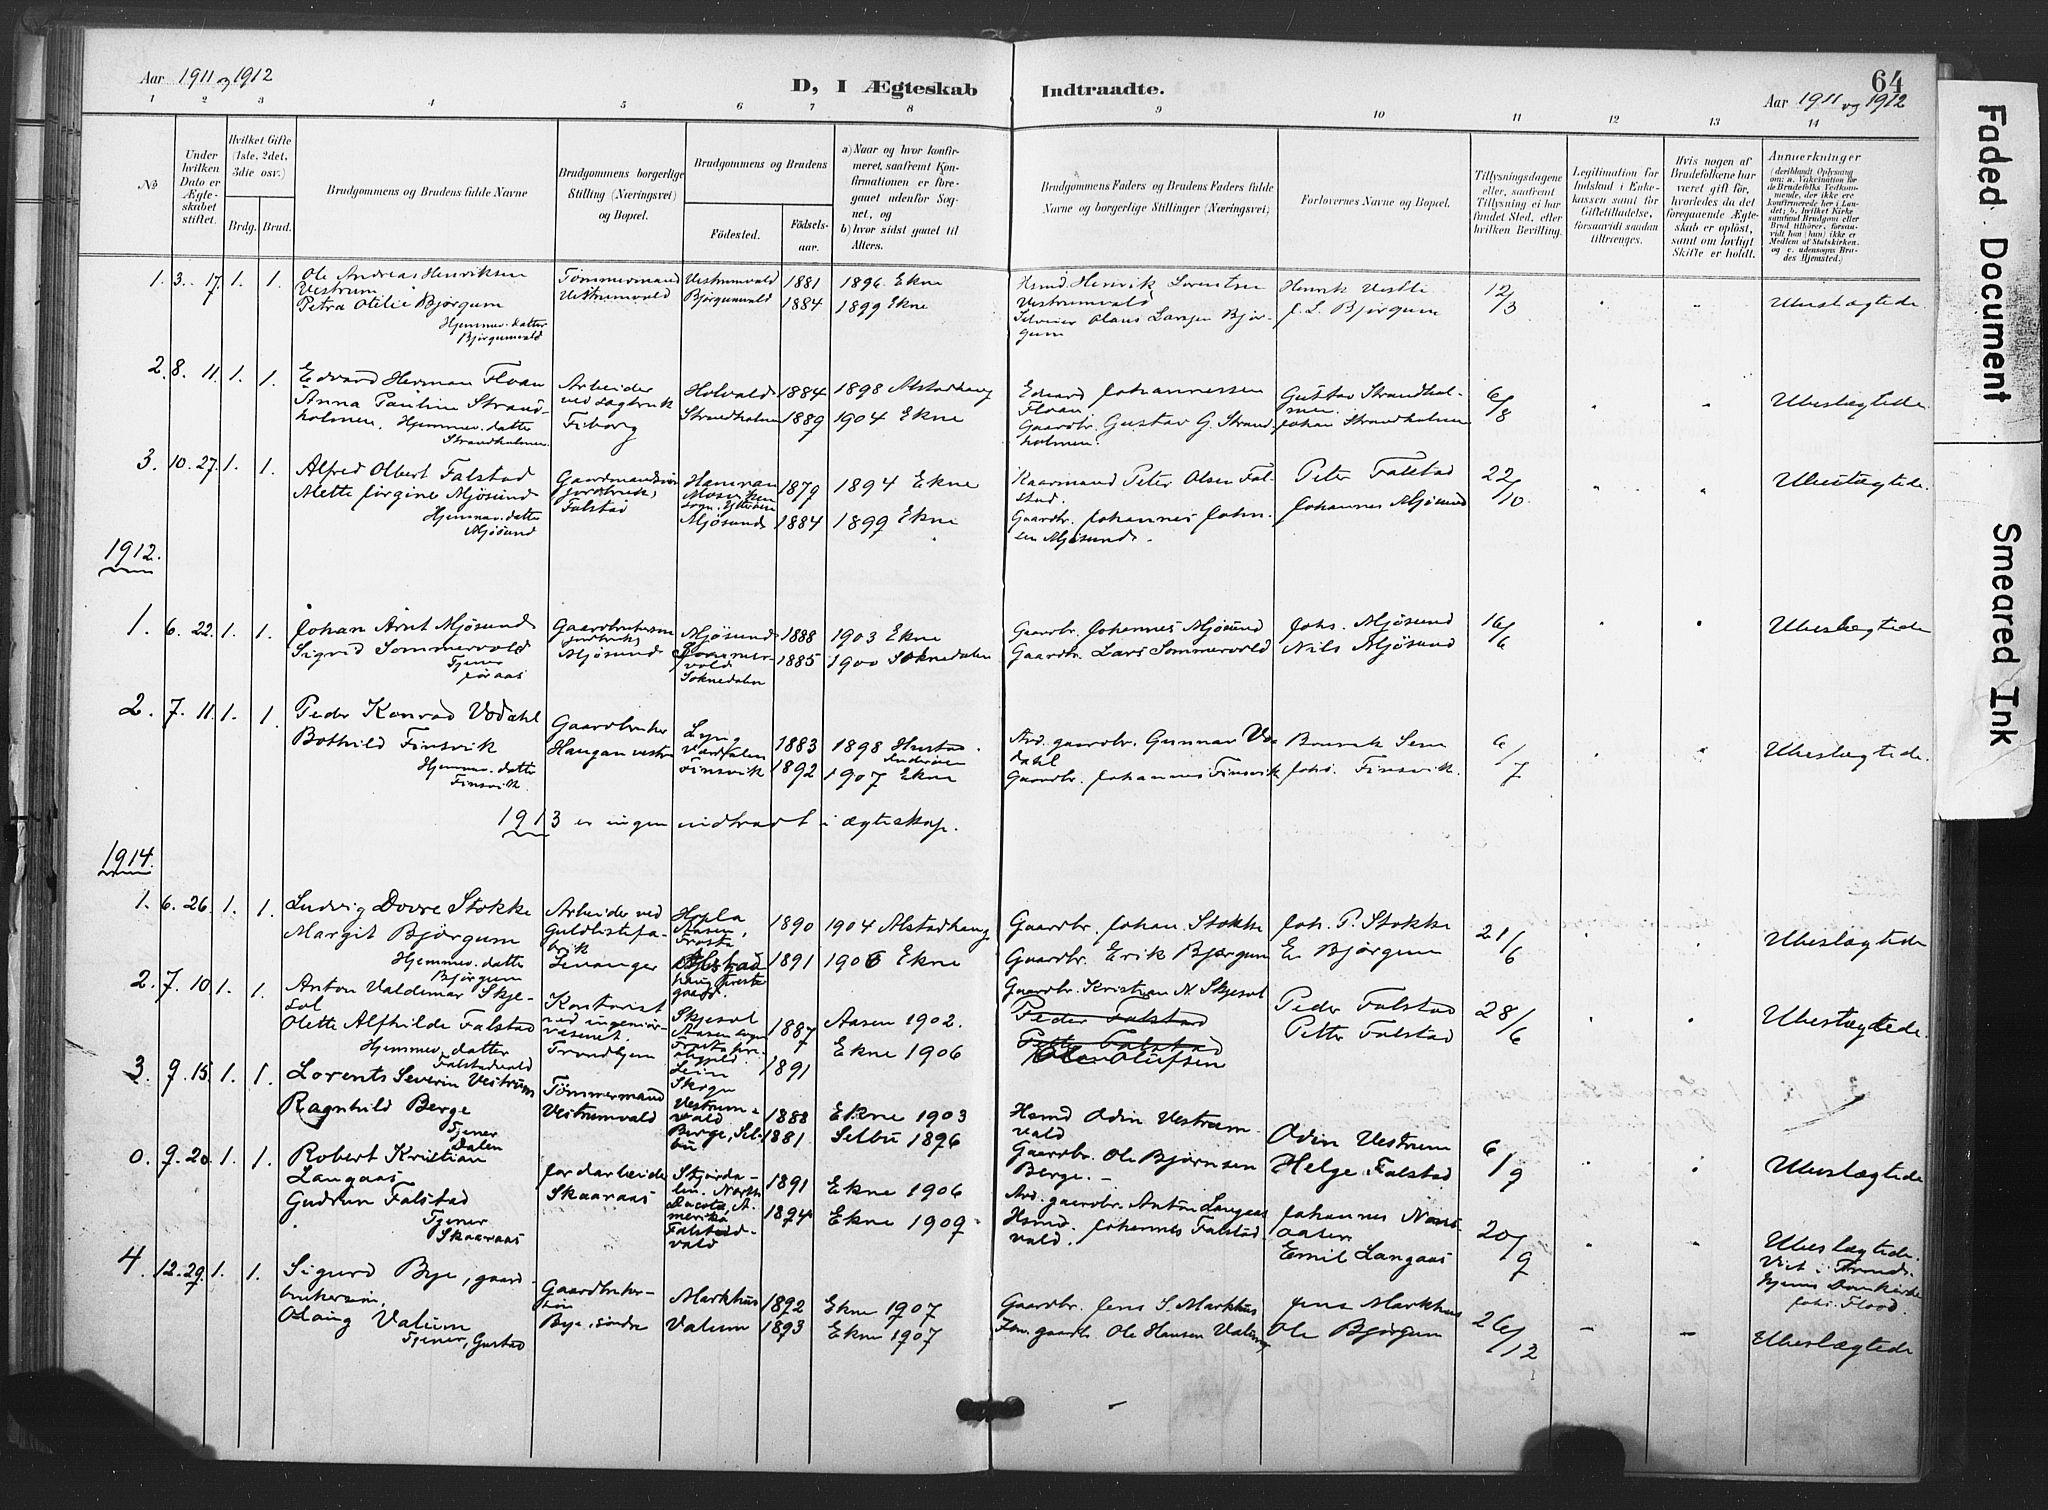 SAT, Ministerialprotokoller, klokkerbøker og fødselsregistre - Nord-Trøndelag, 719/L0179: Ministerialbok nr. 719A02, 1901-1923, s. 64